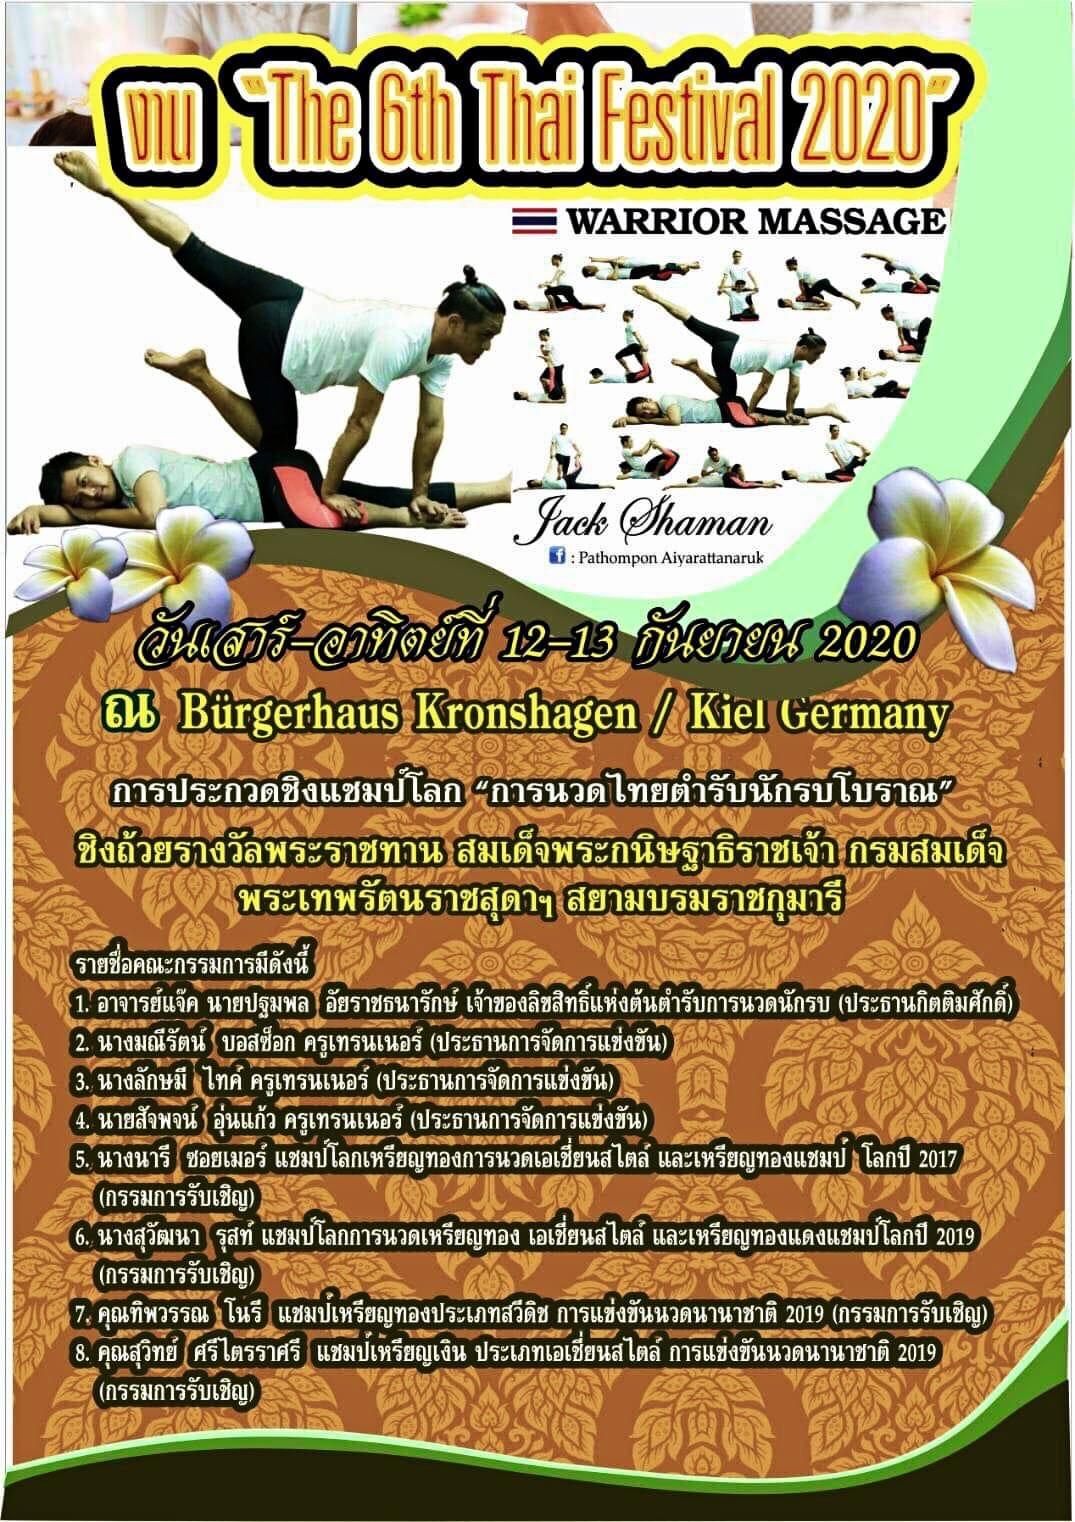 Thai Warrior Massage  1st.Weltmeisterschaft 12-13.09.2020 Kiel